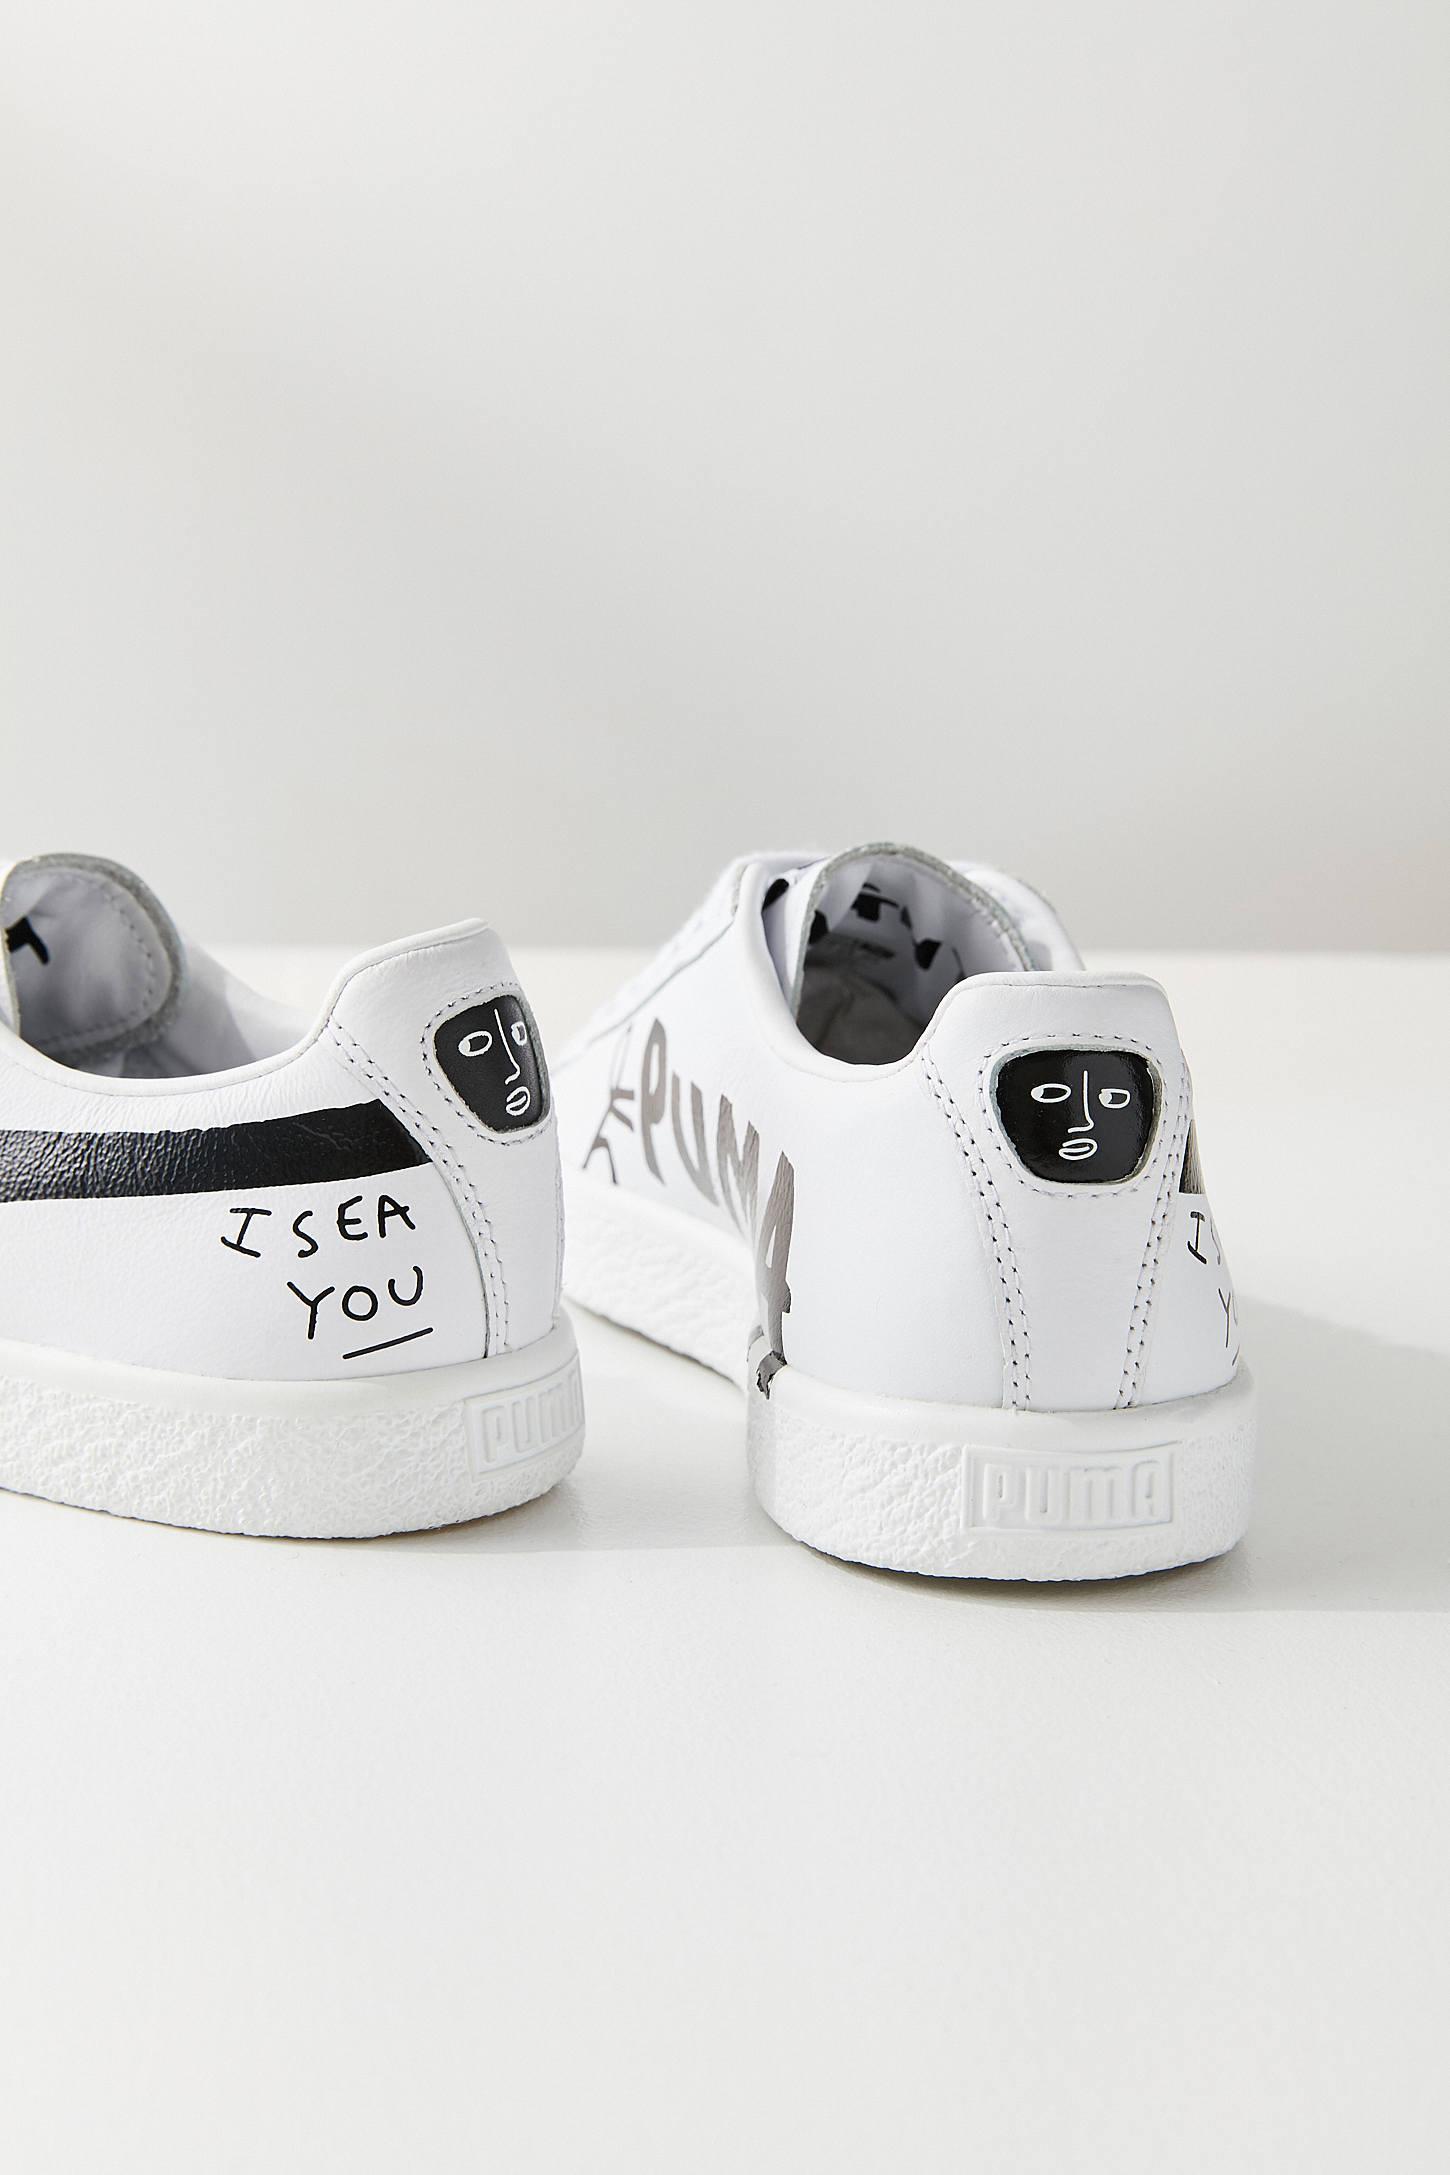 X Shantell Martin Pumas Bas-tops Et Chaussures De Sport wxKea